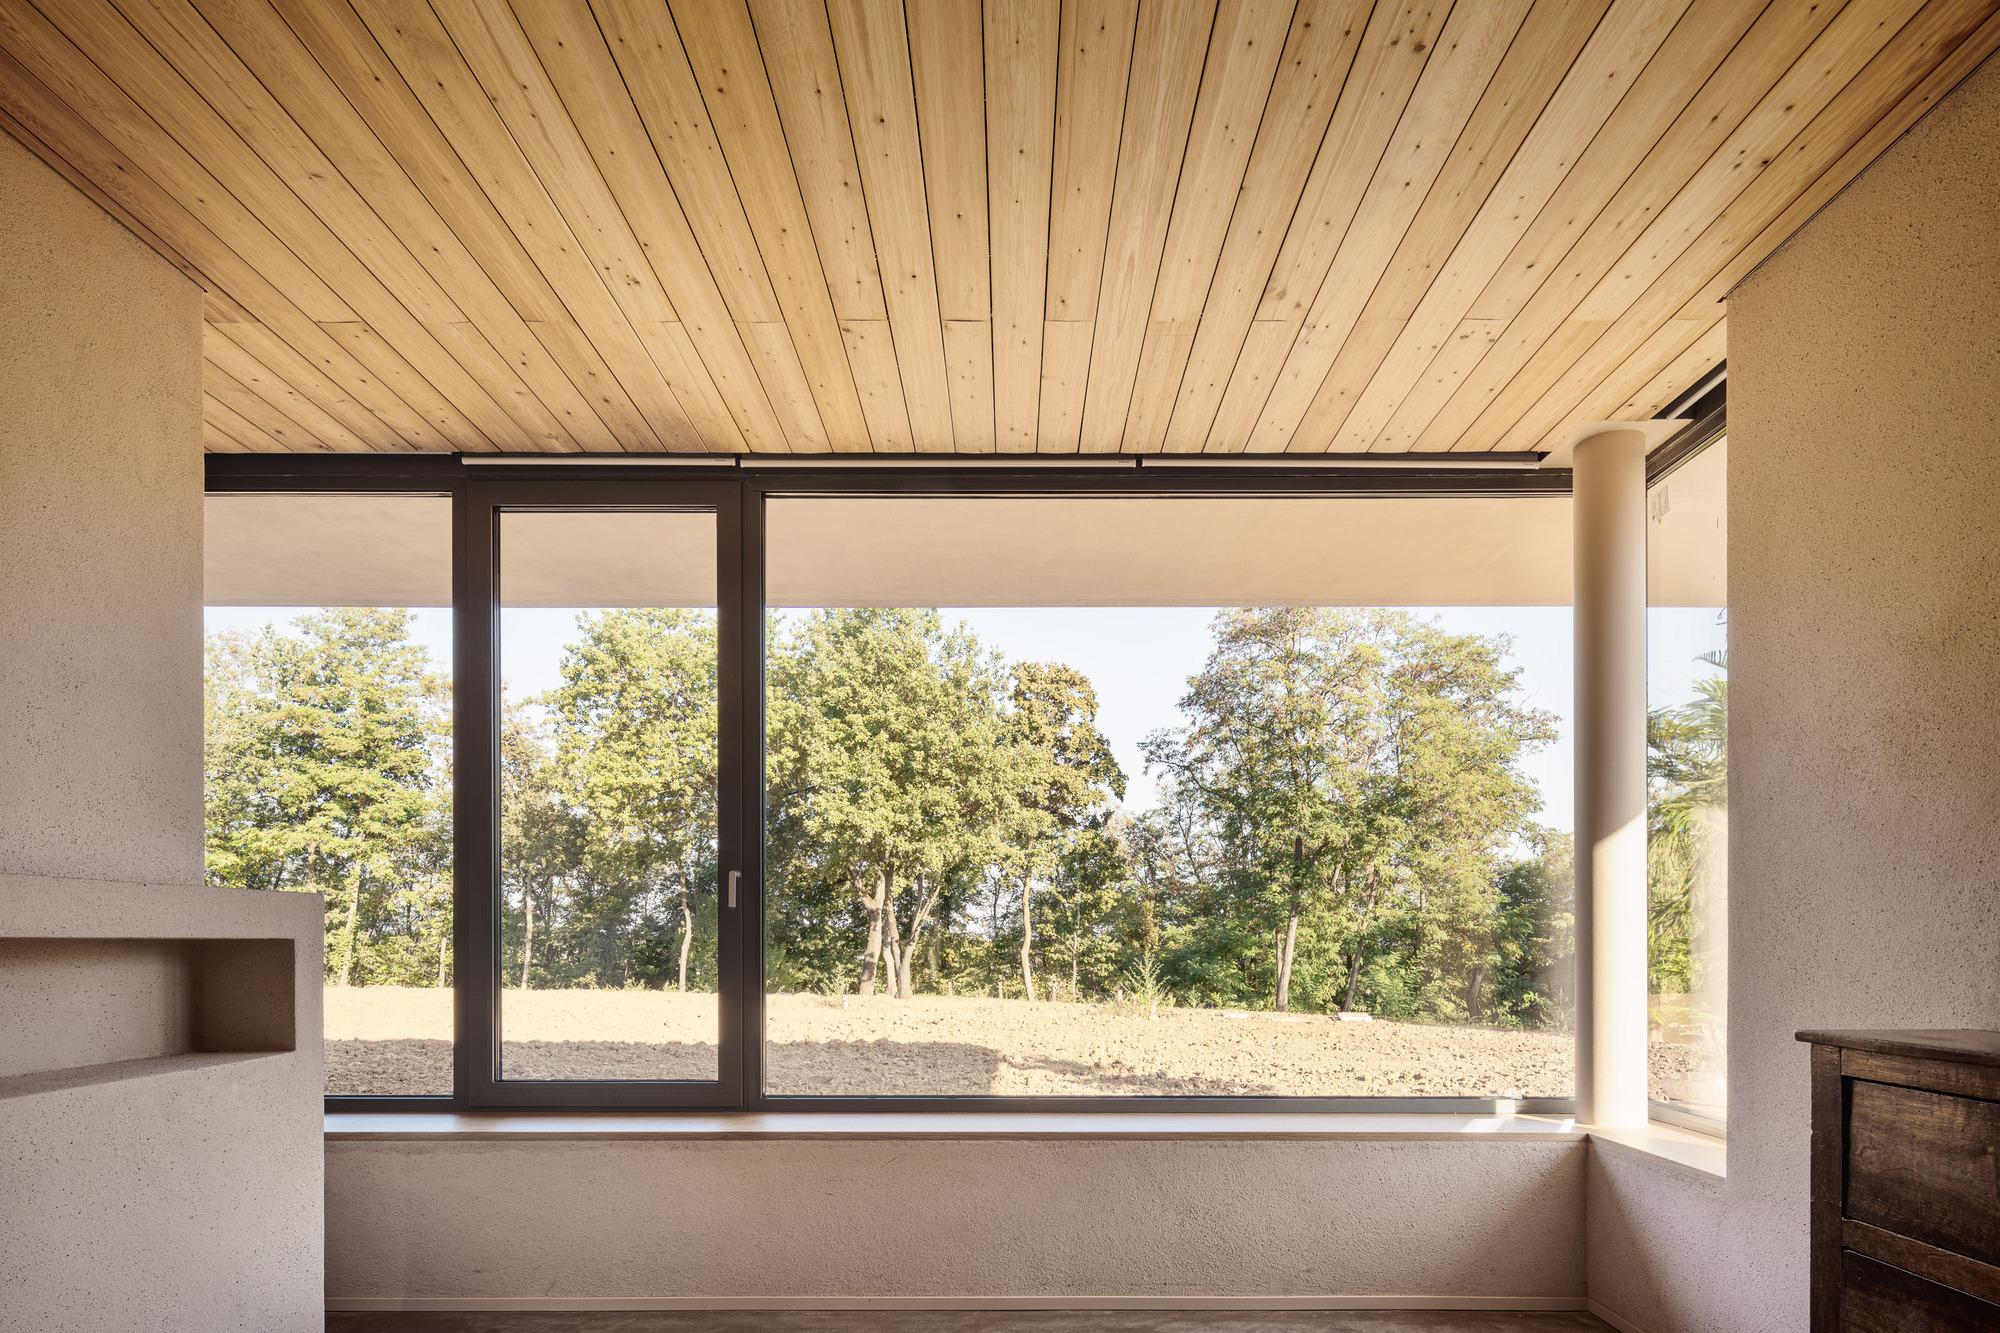 Studioflat è uno studio di architettura con sede a taranto, italia. Gallery Of Patio House Studio Contini 15